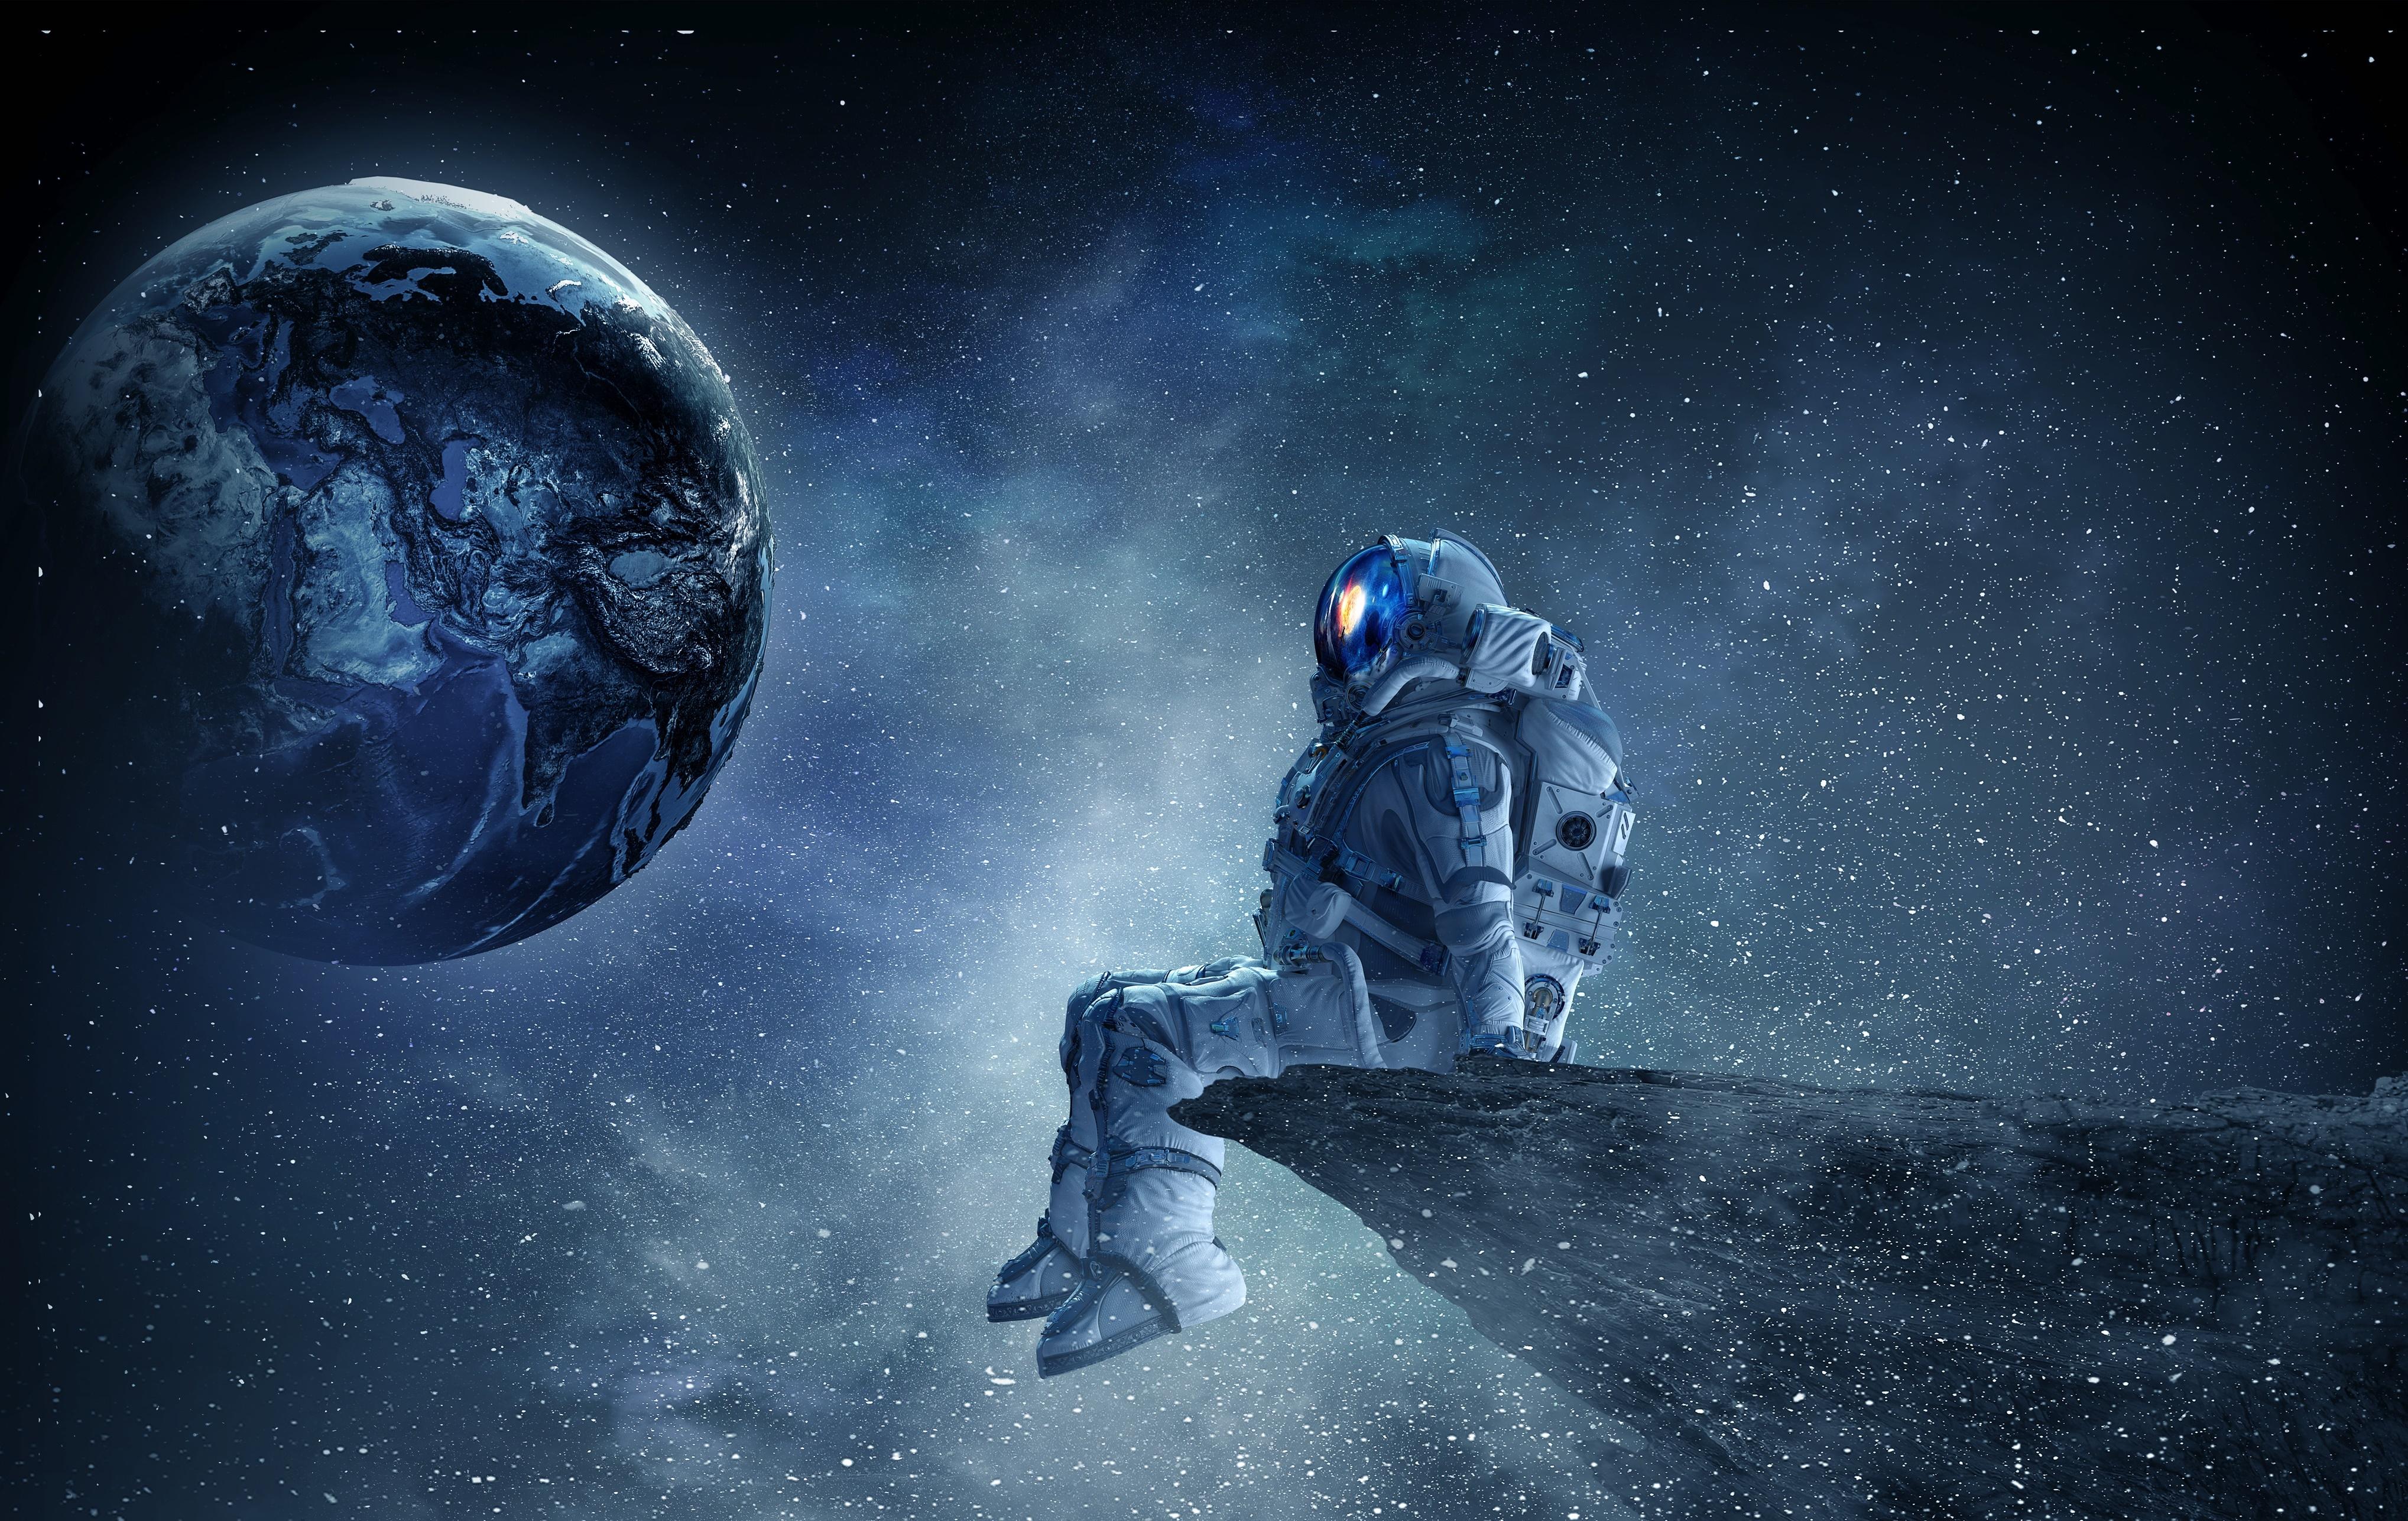 Wallpaper Planet Astronaut Space Art Digital Art